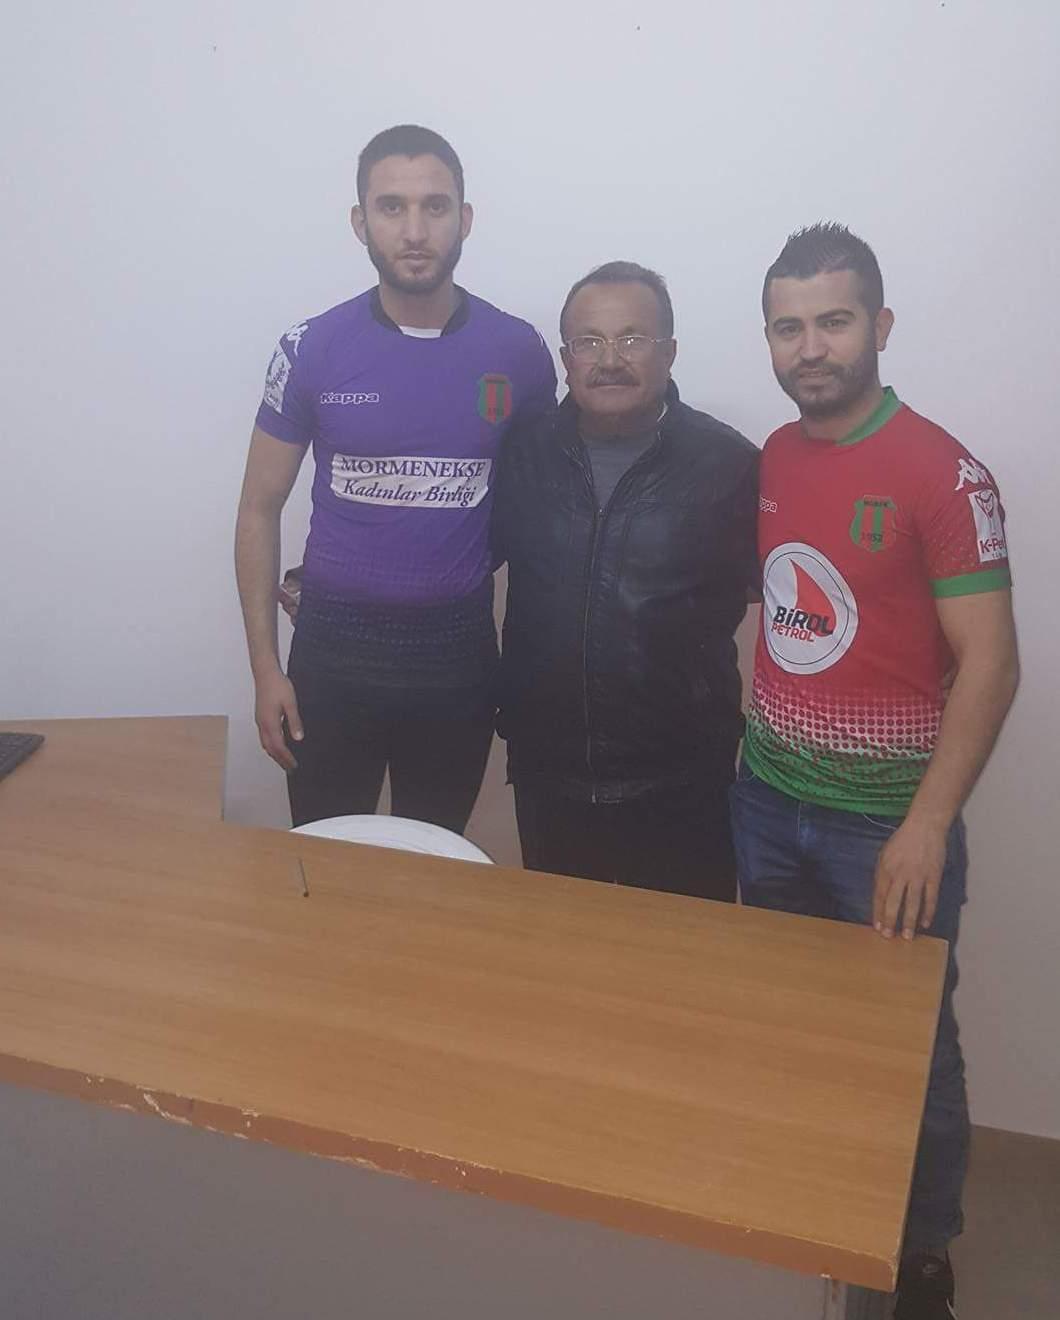 Mormenekşe'de Rıdvan ve Sami imzaladı